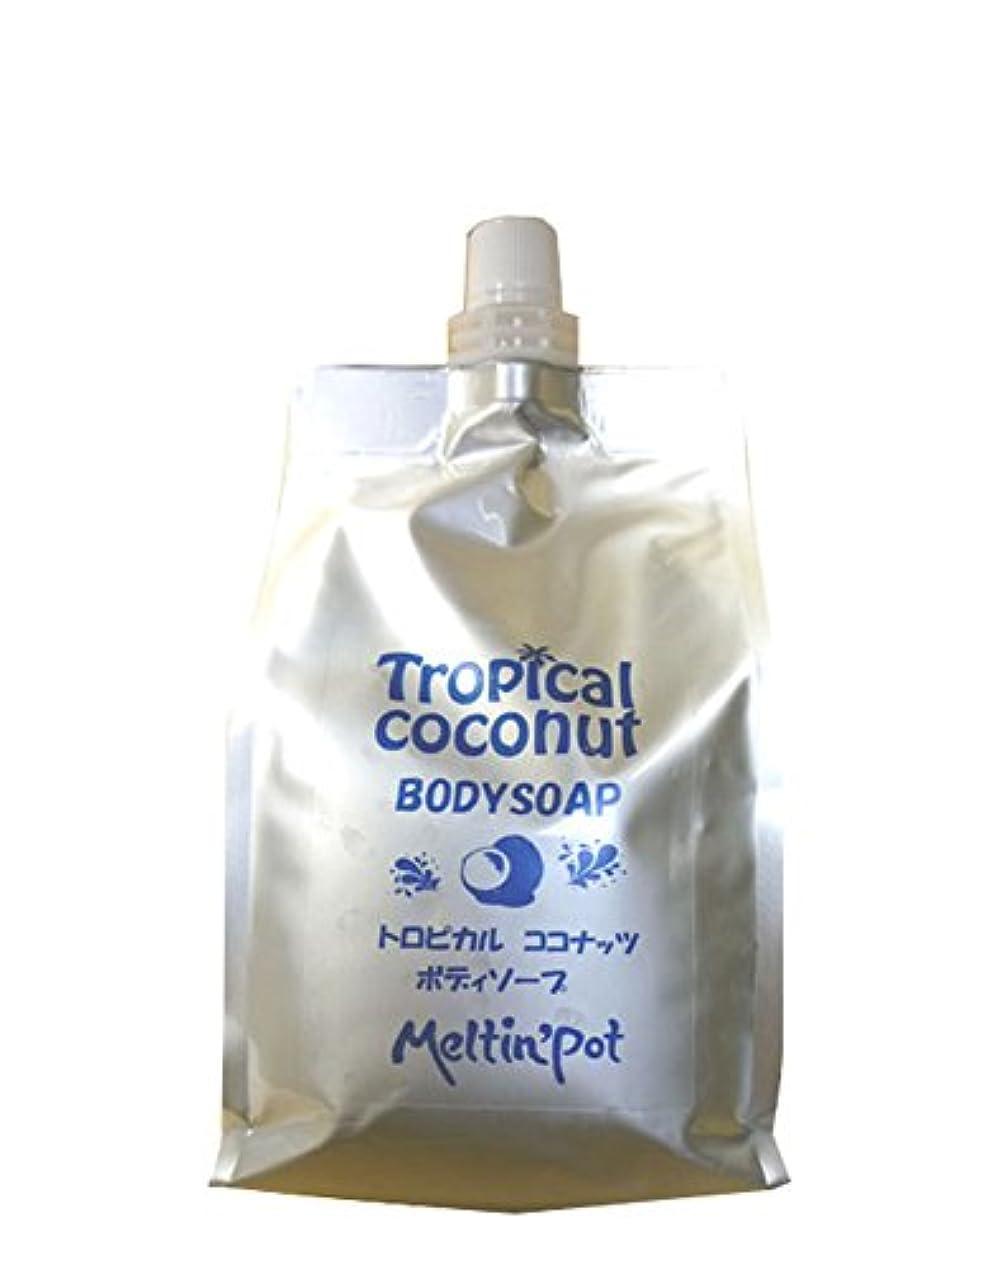 有効アトラス盆地トロピカルココナッツ ボディソープ 1000ml 詰め替え Tropical coconut Body Soap 加齢臭に! [MeltinPot]